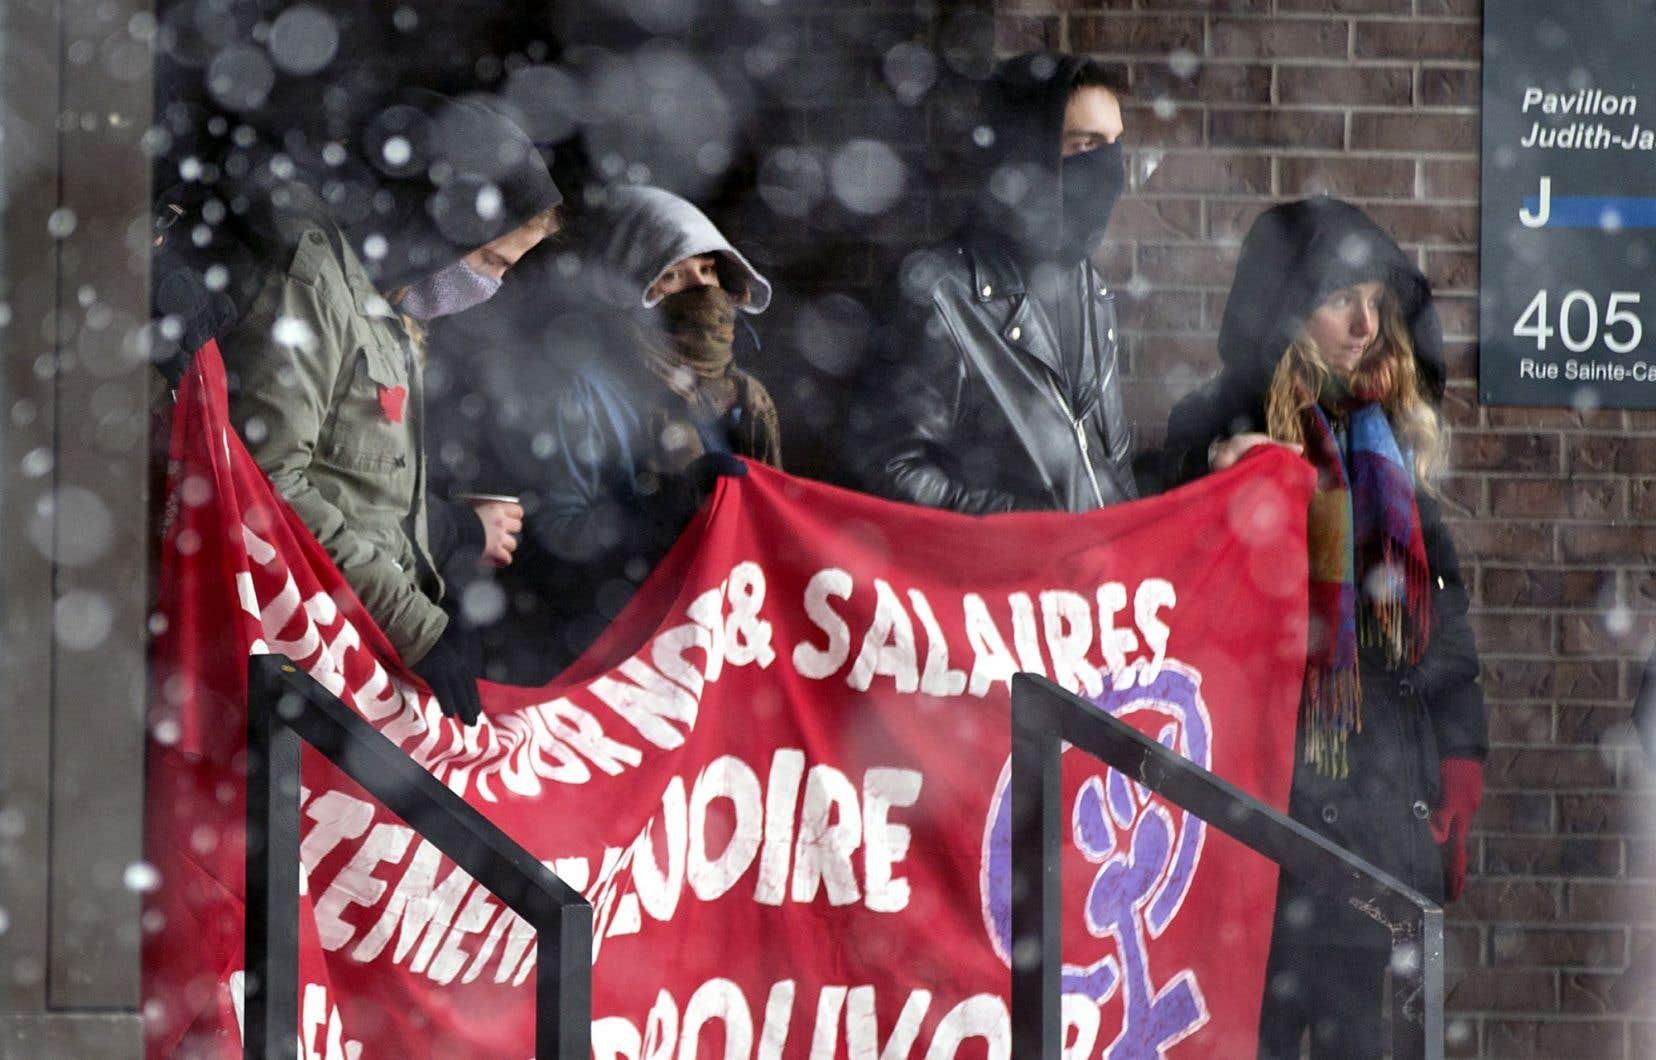 Les portes de l'Université du Québec à Montréal ont été bloquées lundi matin par des étudiants qui contestent les démarches qu'a entreprises la direction pour expulser neuf étudiants.